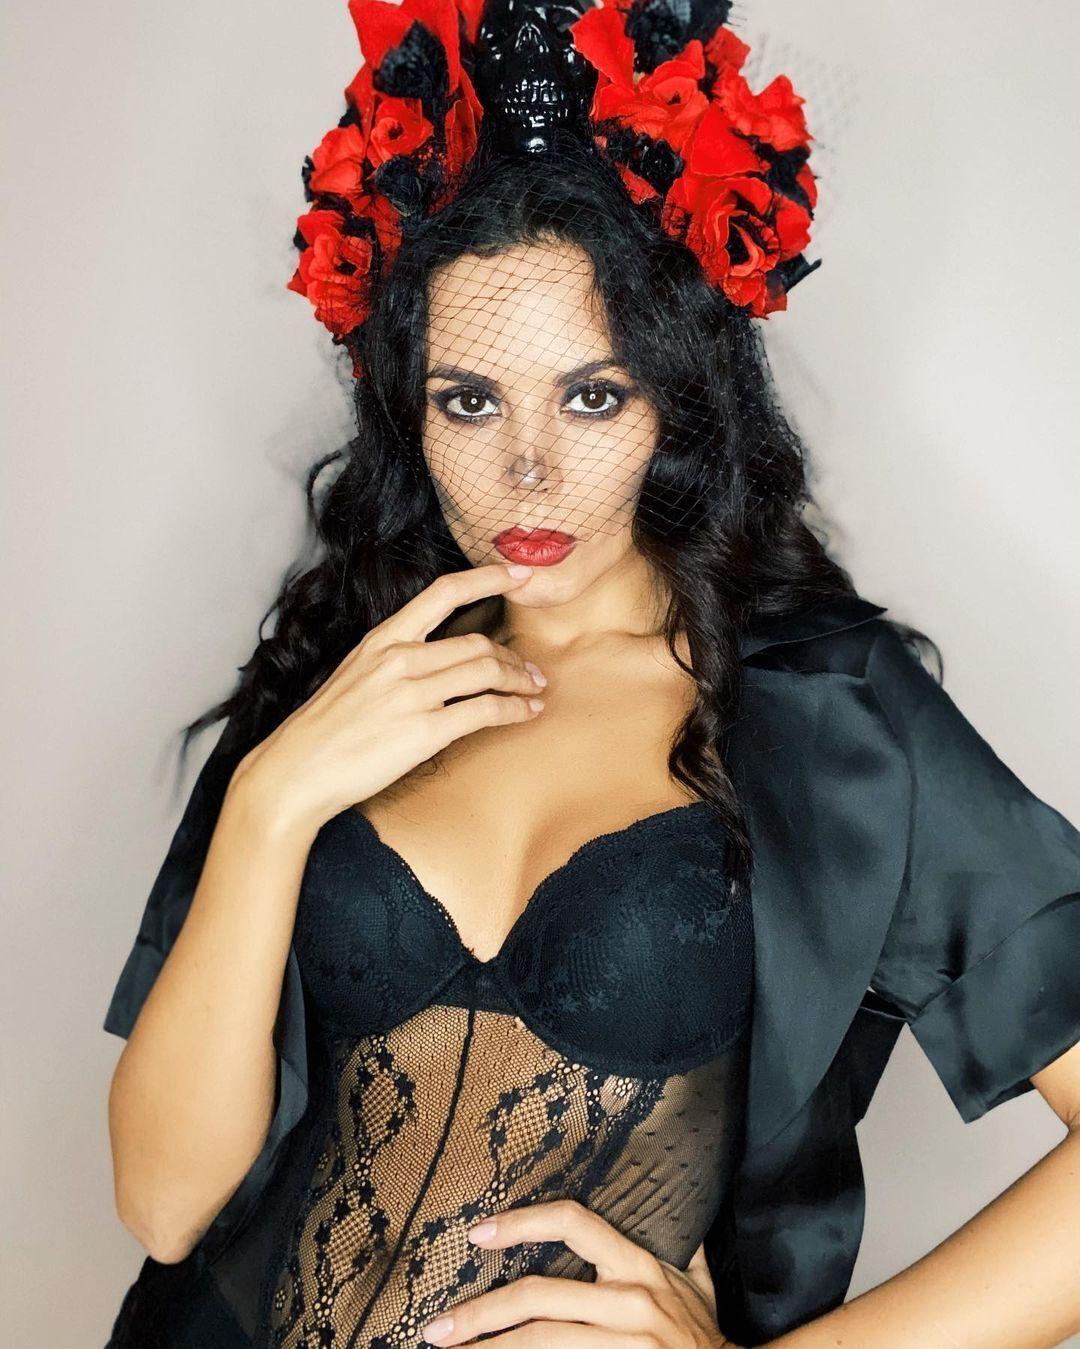 Каменских выбрала образ мертвой мексиканской невесты на Хеллоуин.